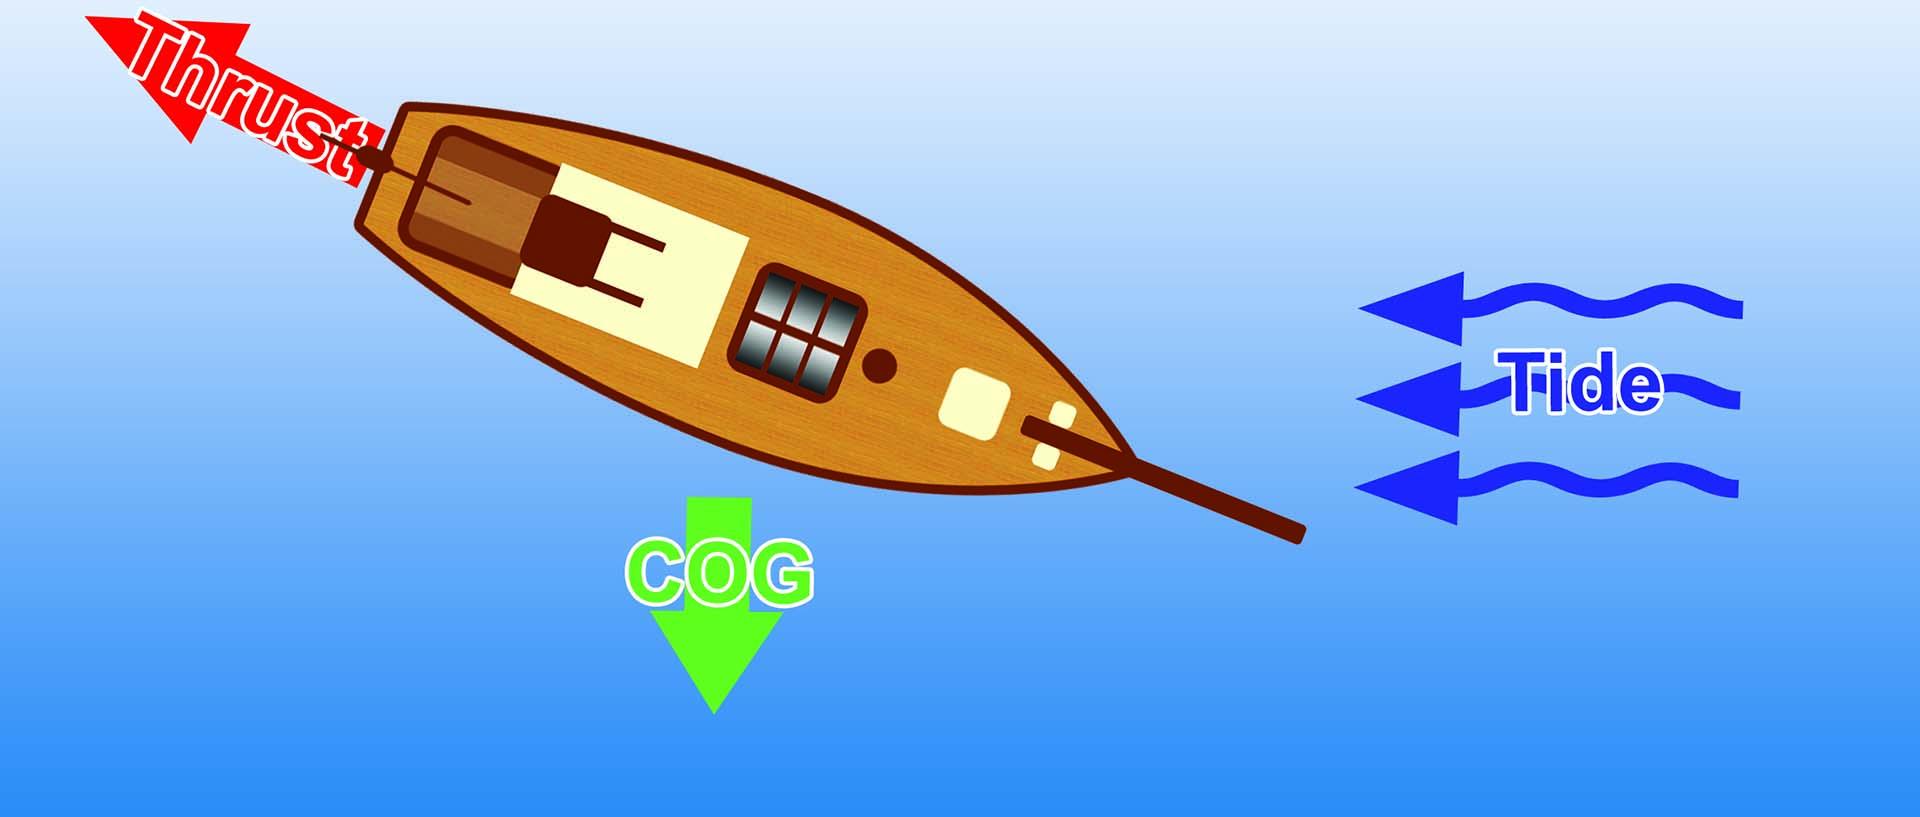 Ferry Gliding Sideways 2